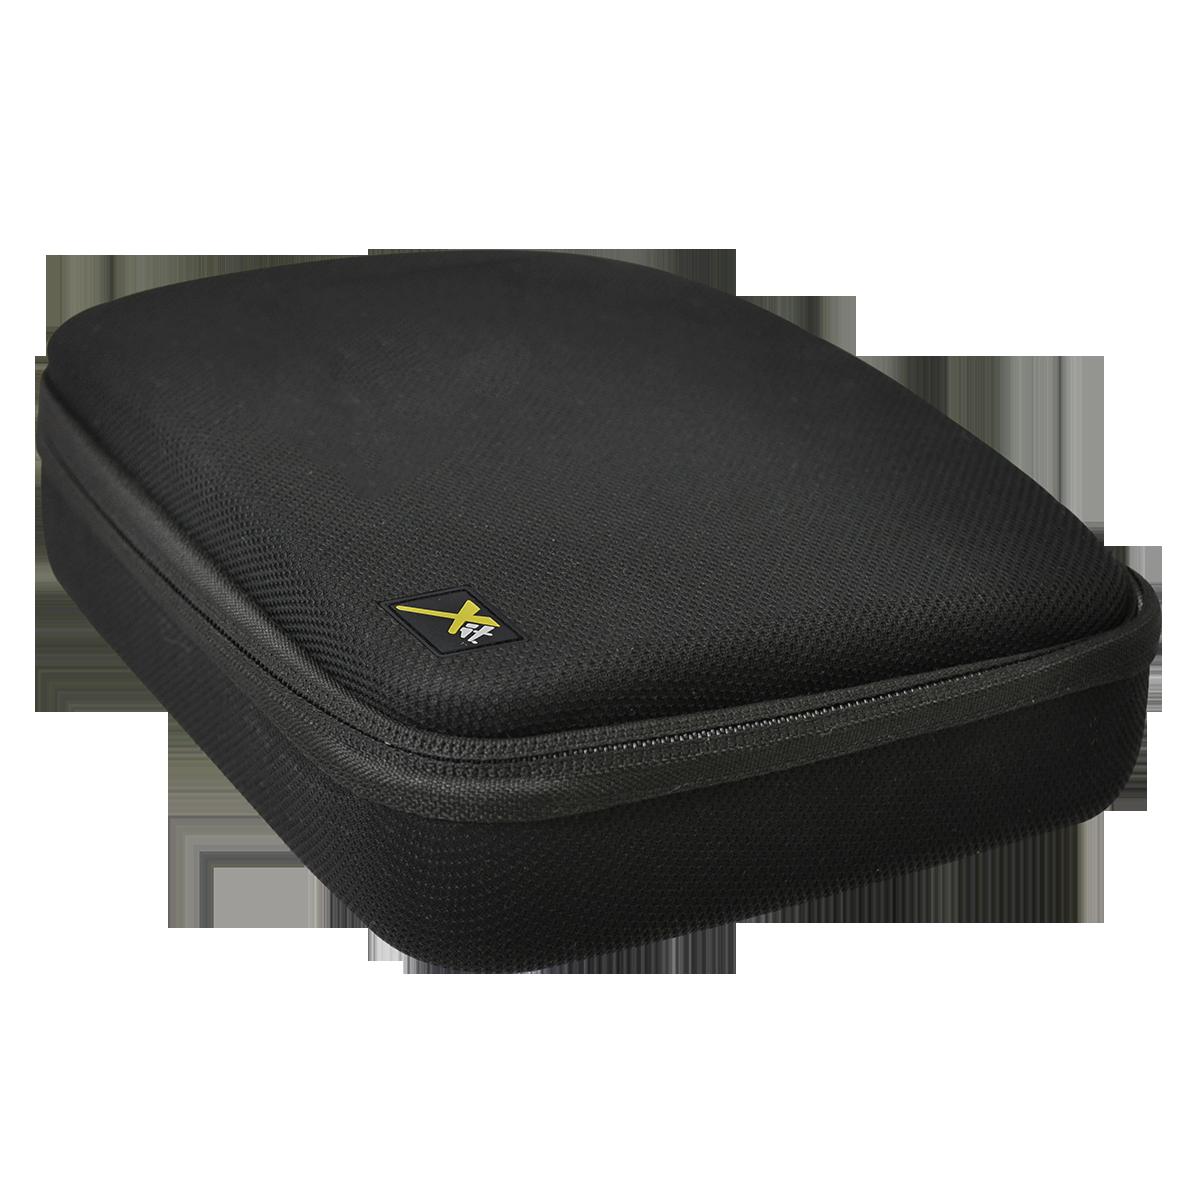 HDFX GoPro Premium Custom Case (Travel Case)